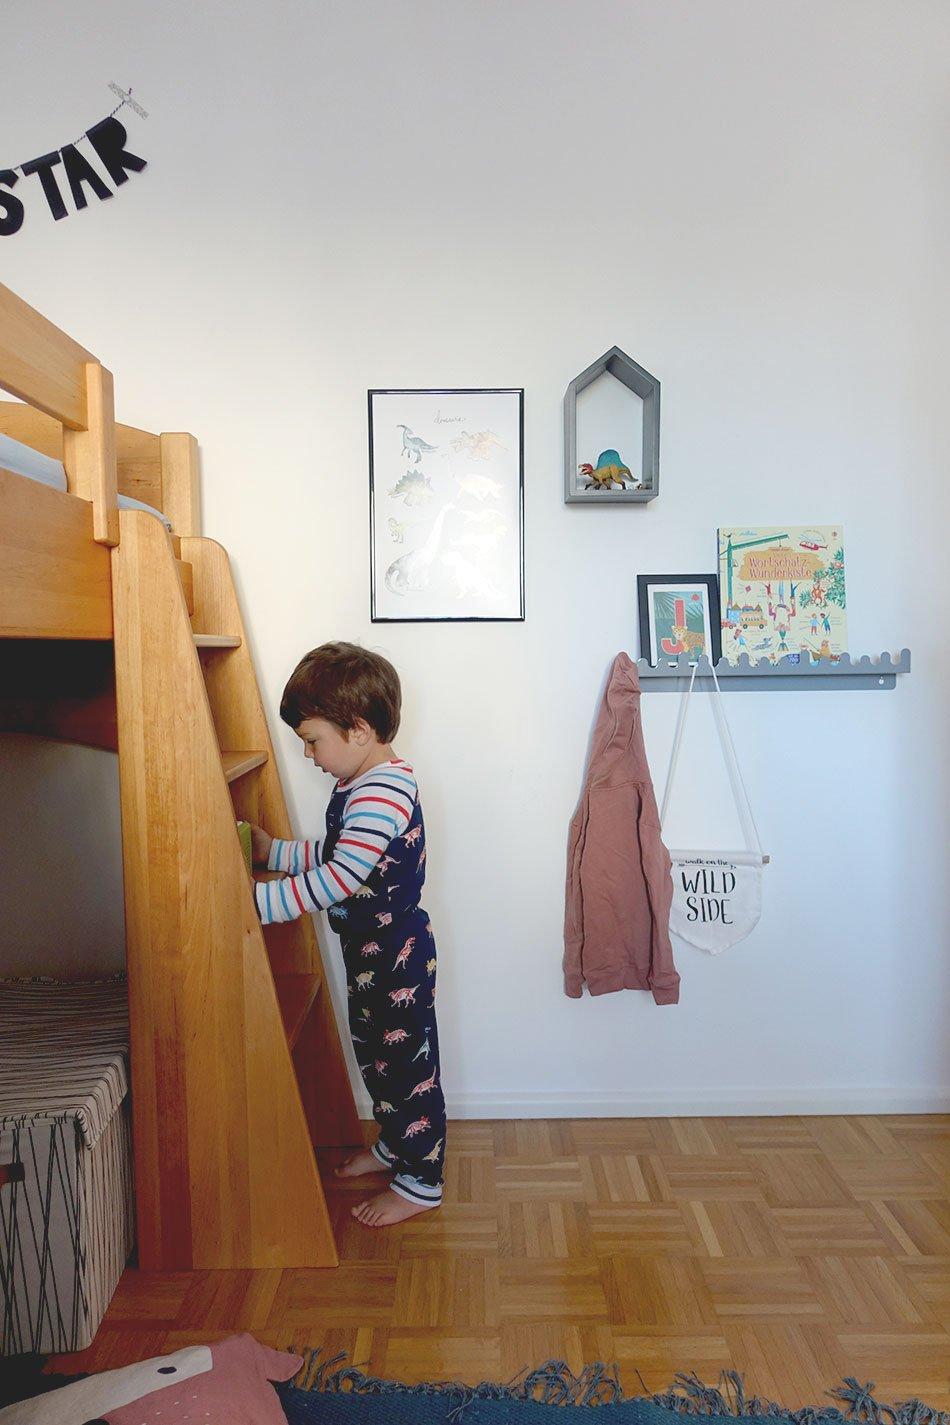 Morgenroutine, Kinderzimmer, Dino, Jungszimmer